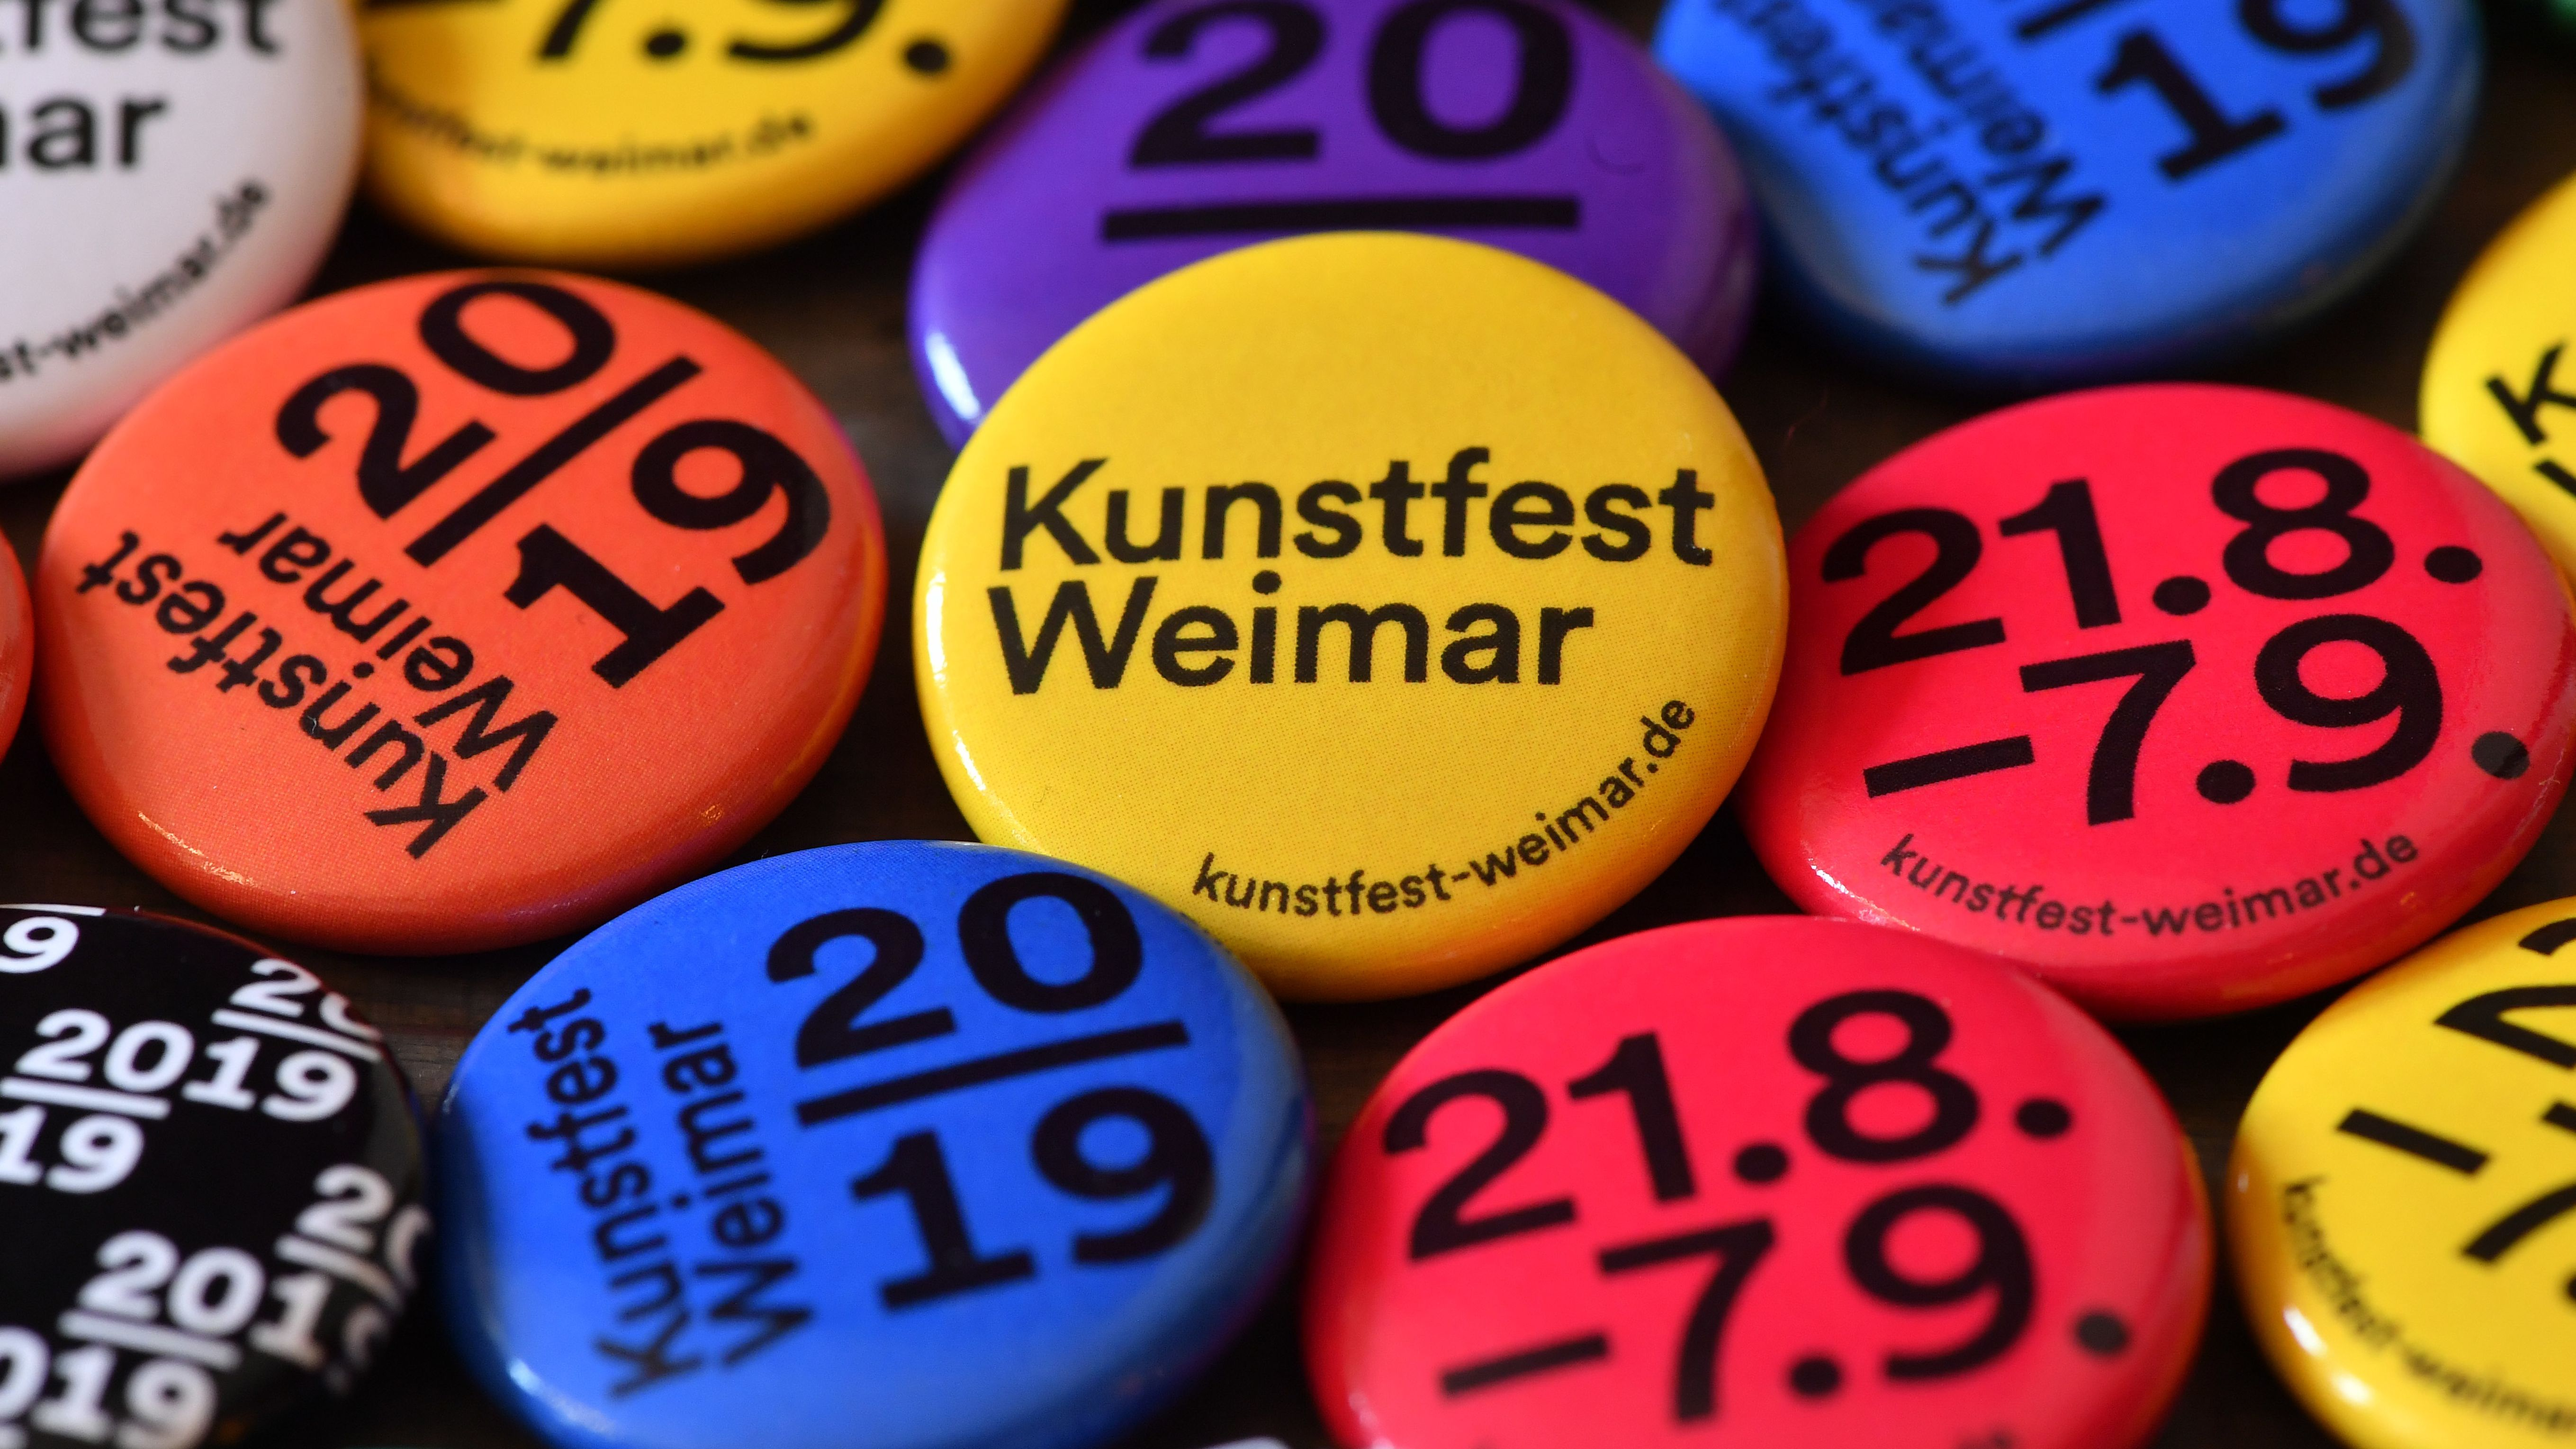 Eine Ansammlung gelber, pinker und blauer Anstecker für das Kunstfest Weimar 2019